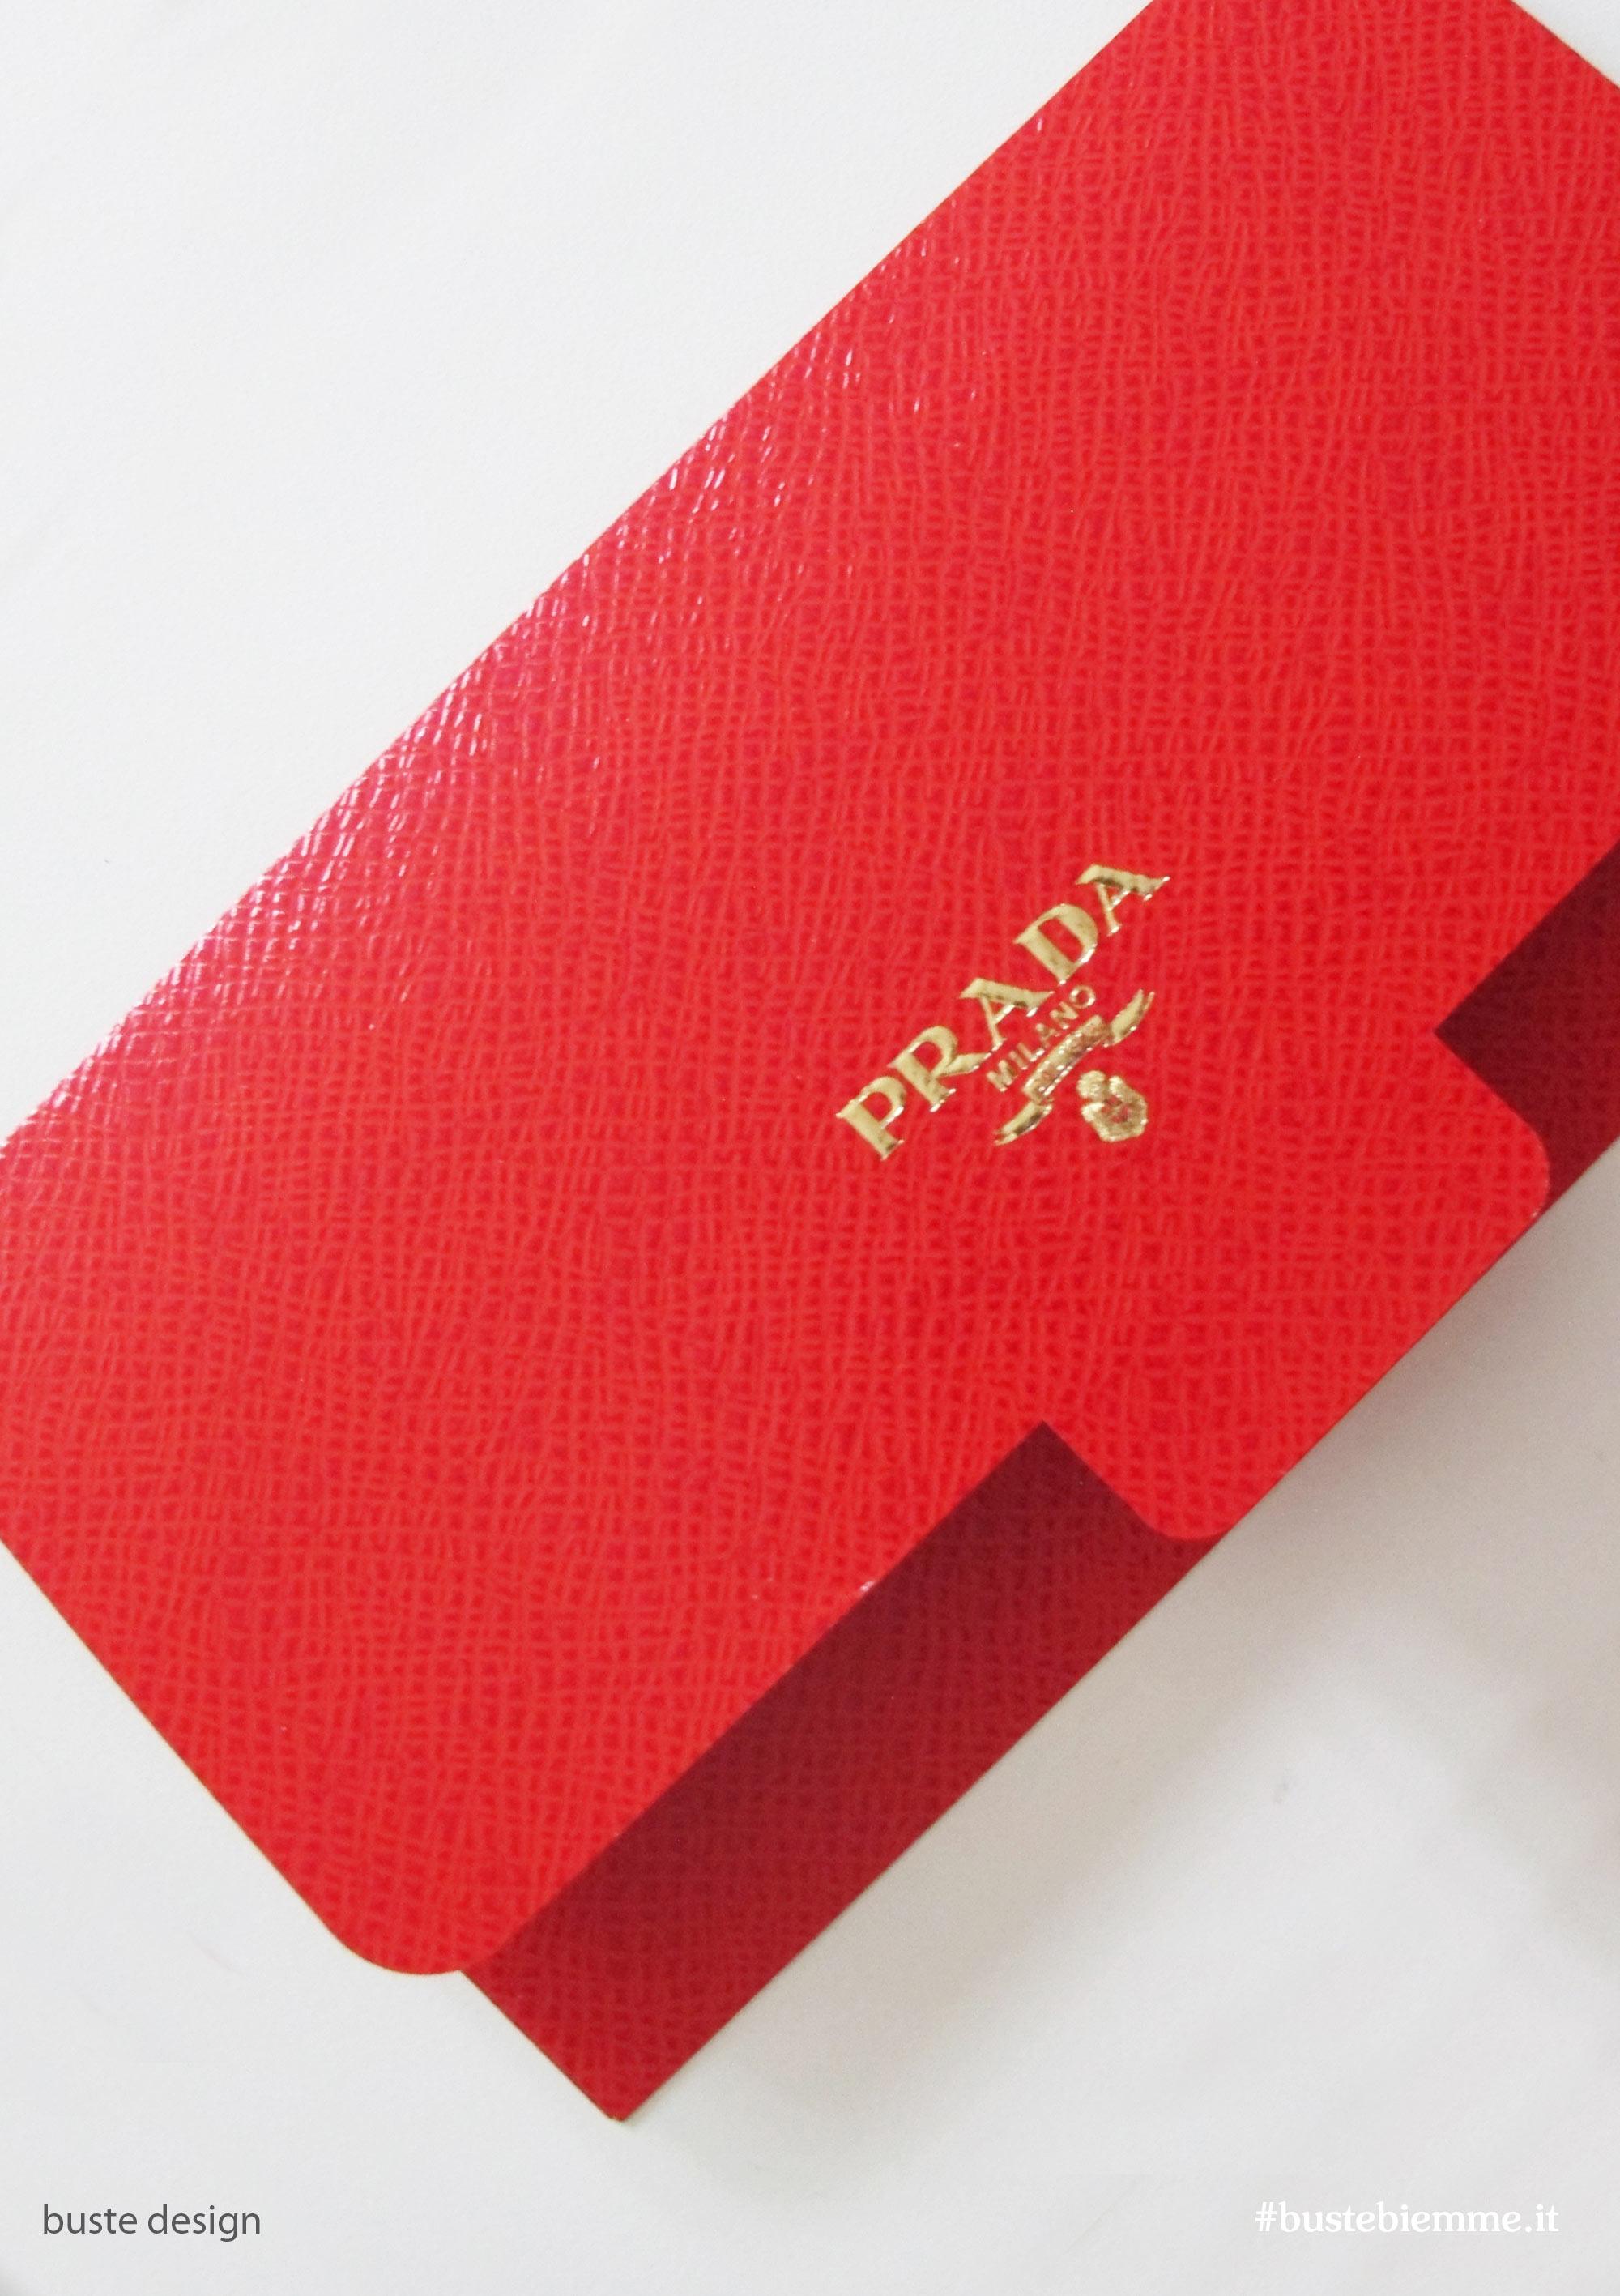 busta design carta effetto pelle stampa oro a caldo